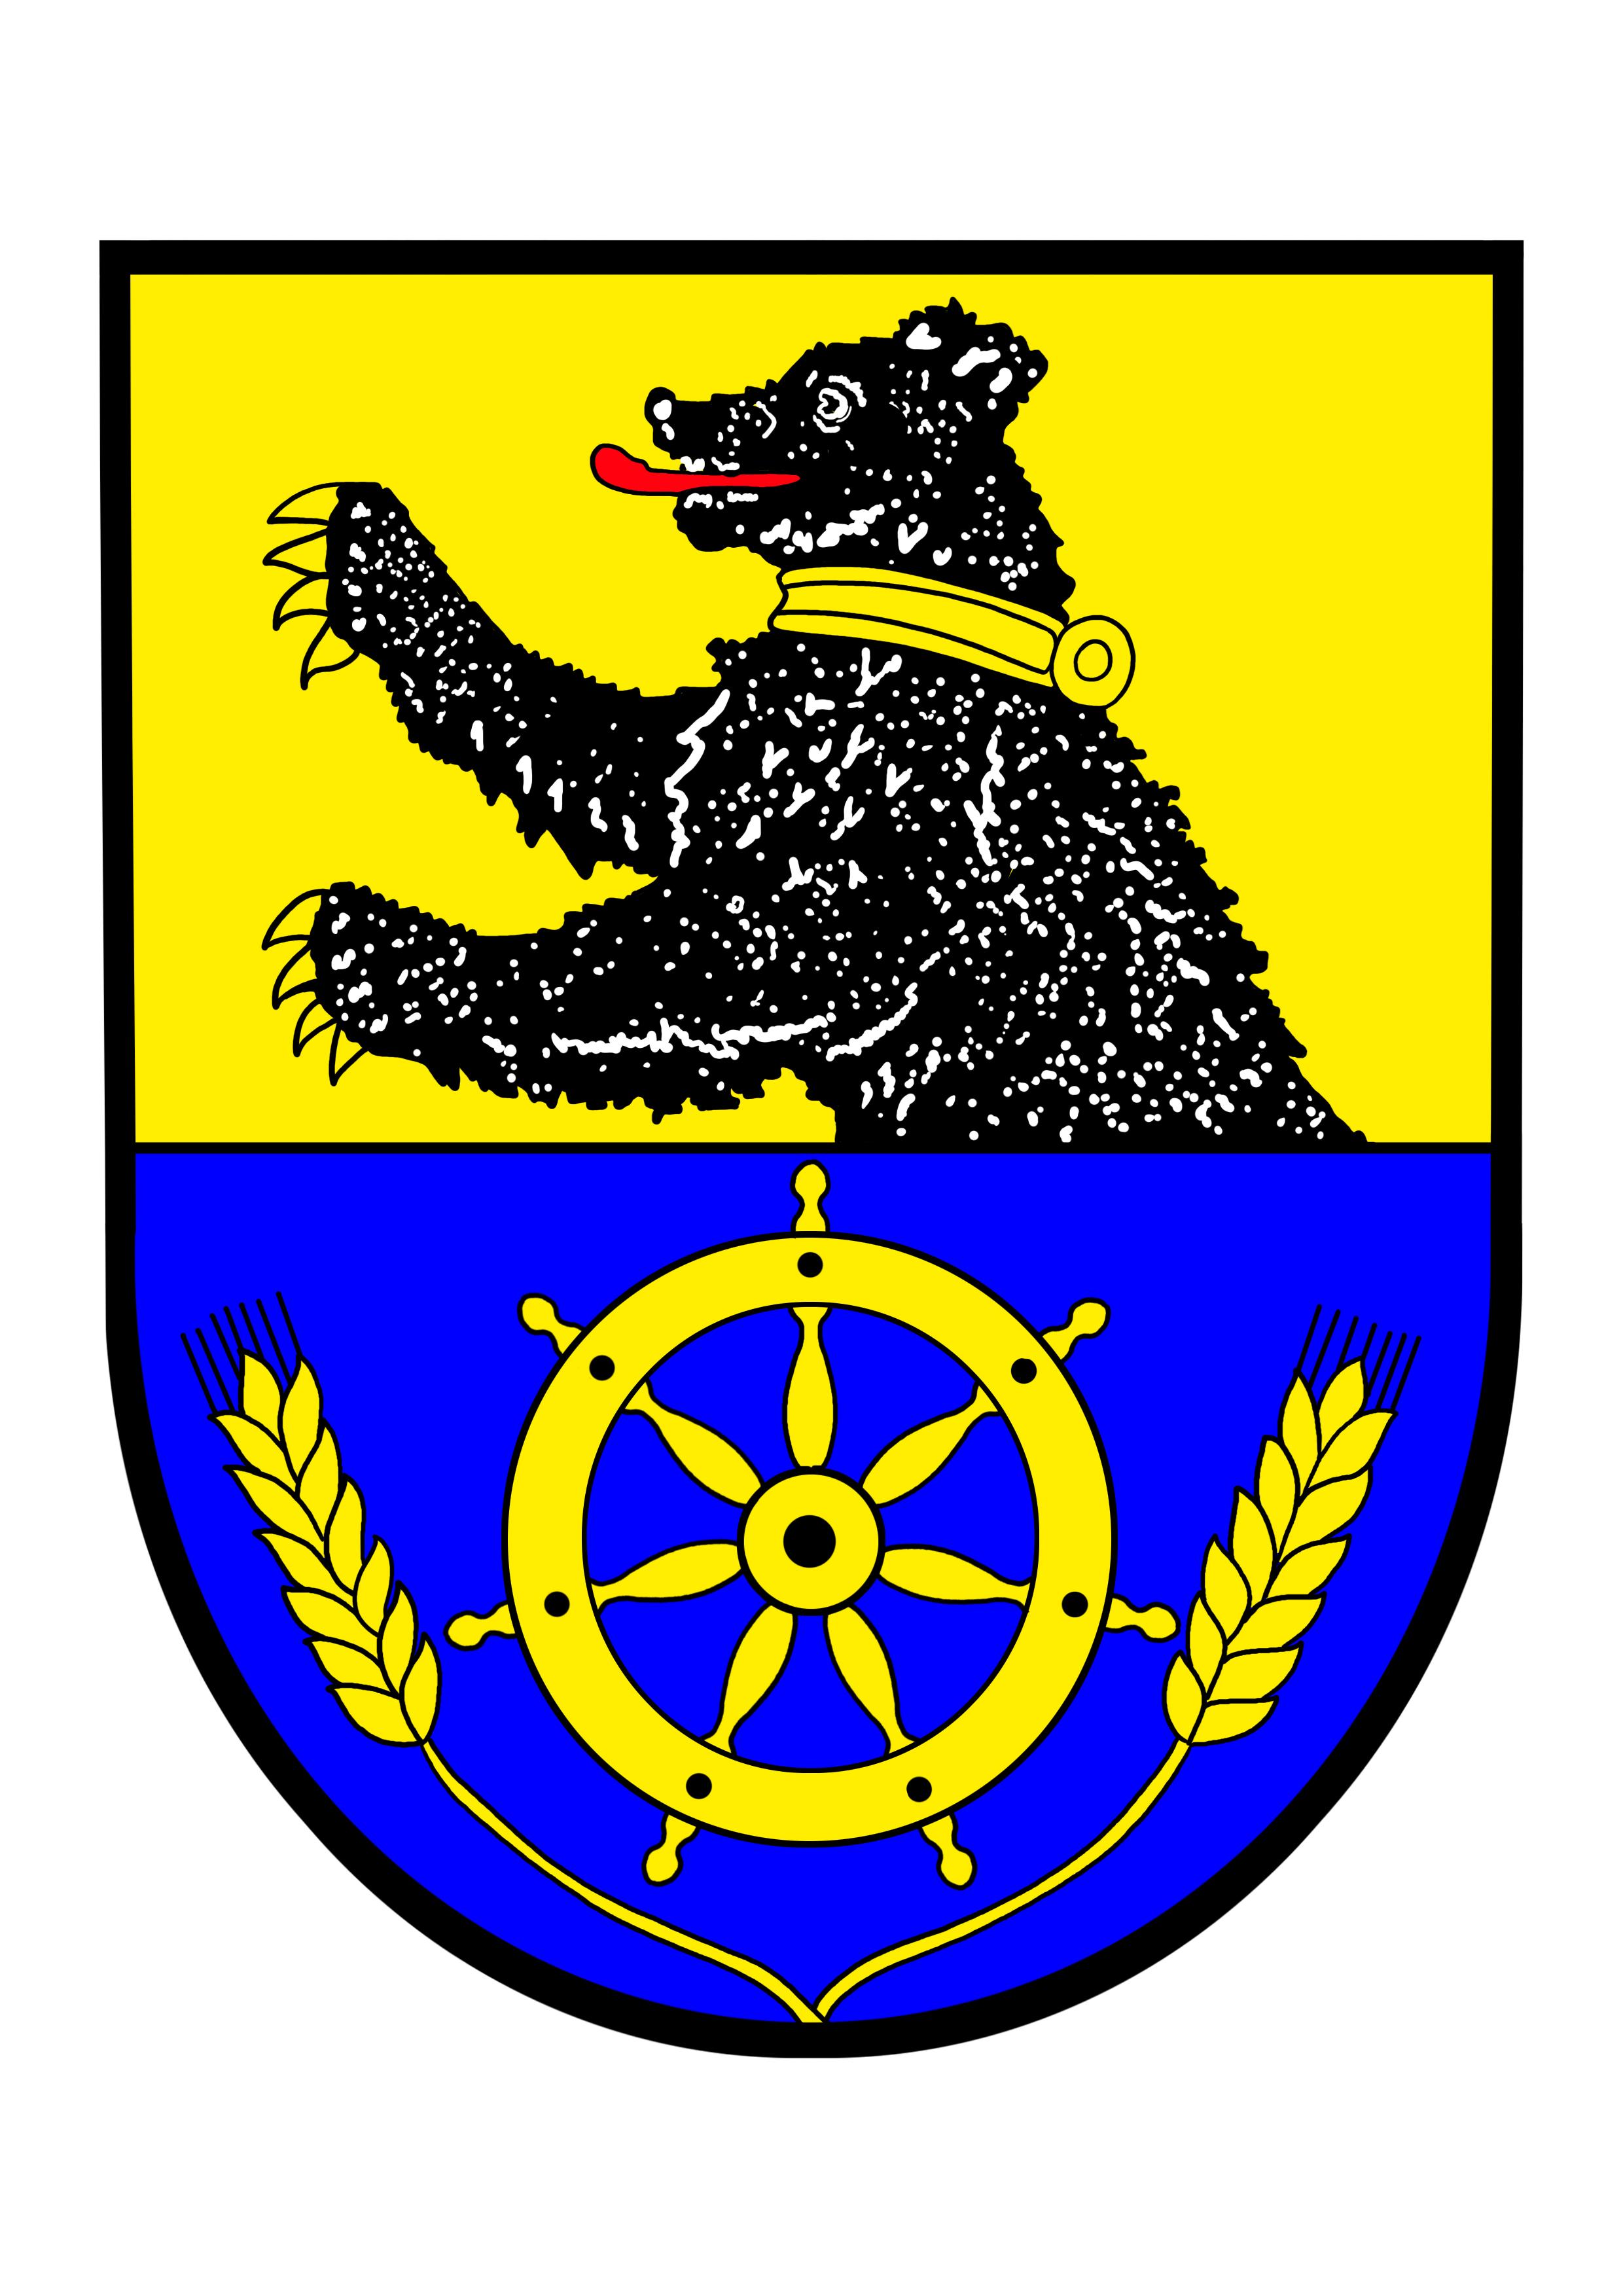 Wappen-Samtgemeinde-Esens